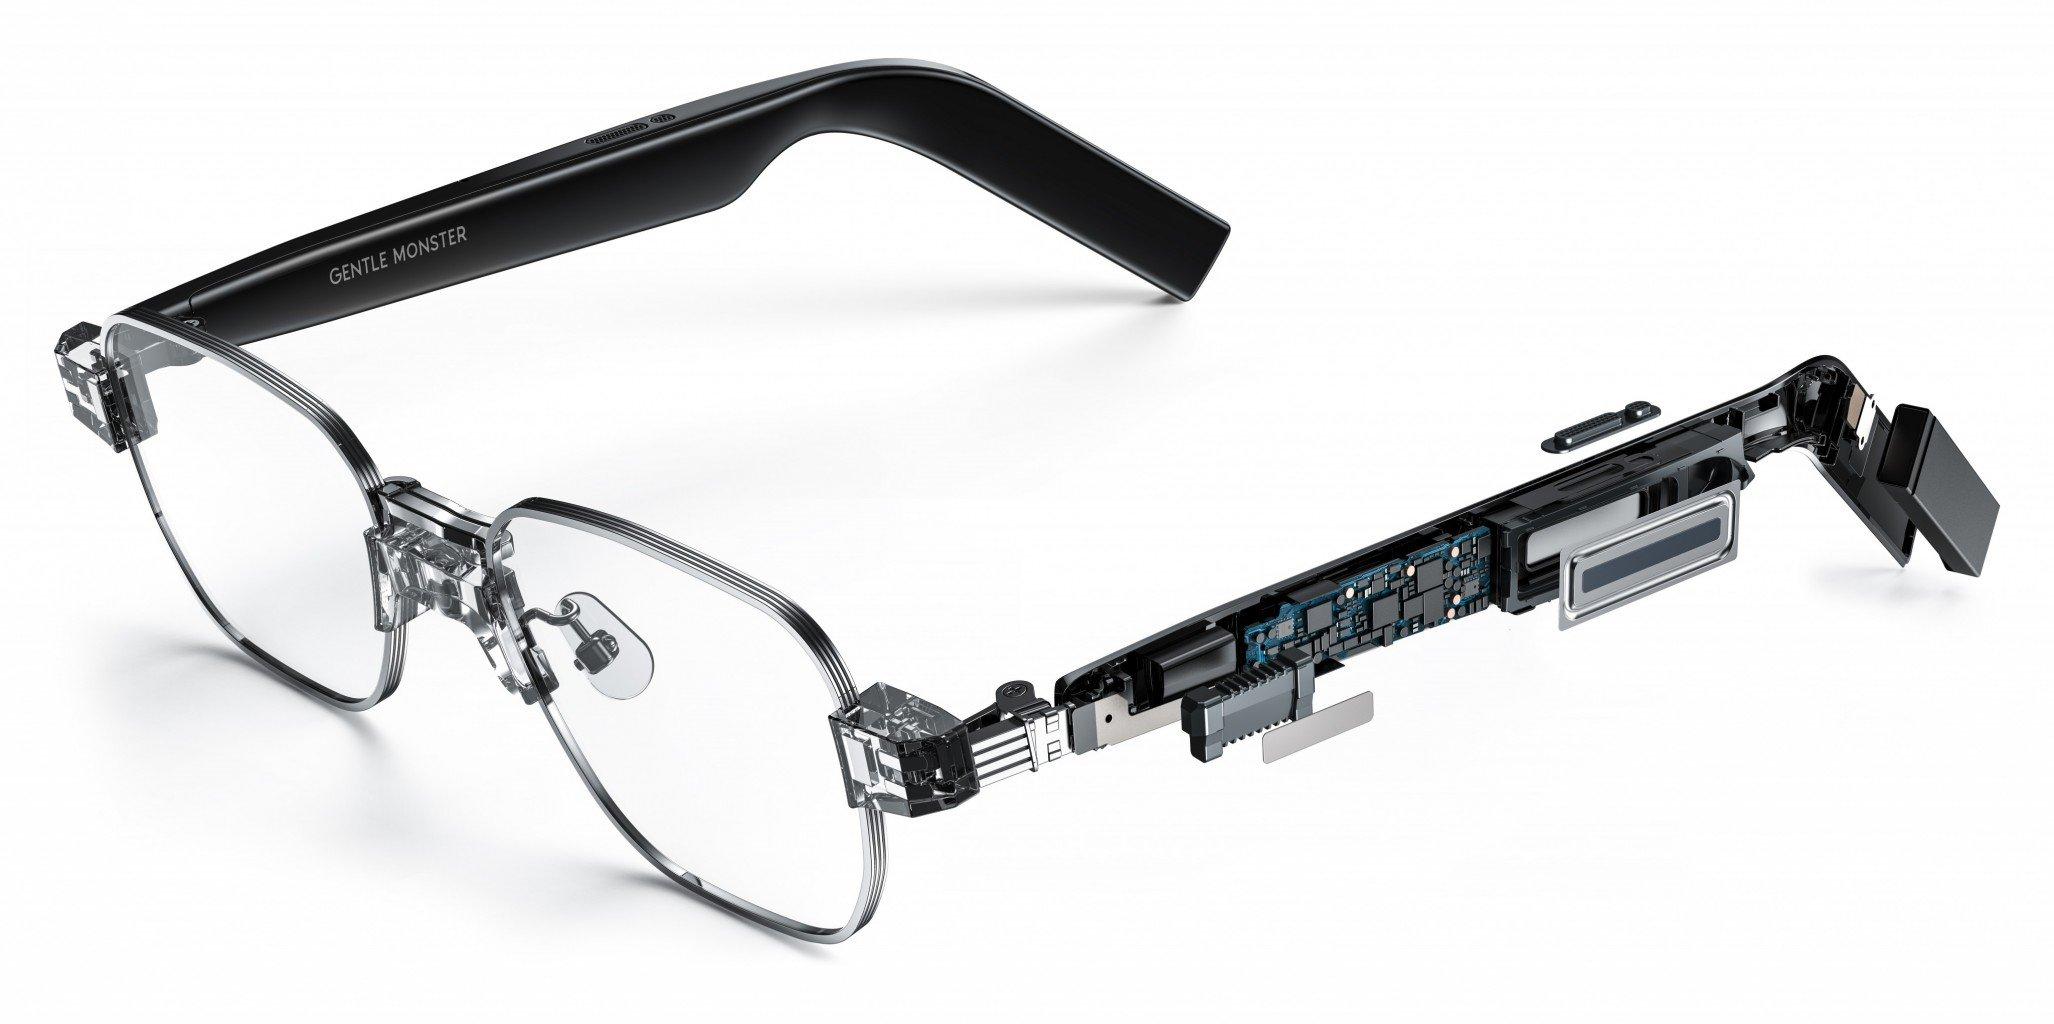 Huawei x Gentle Monster Eyeweare II